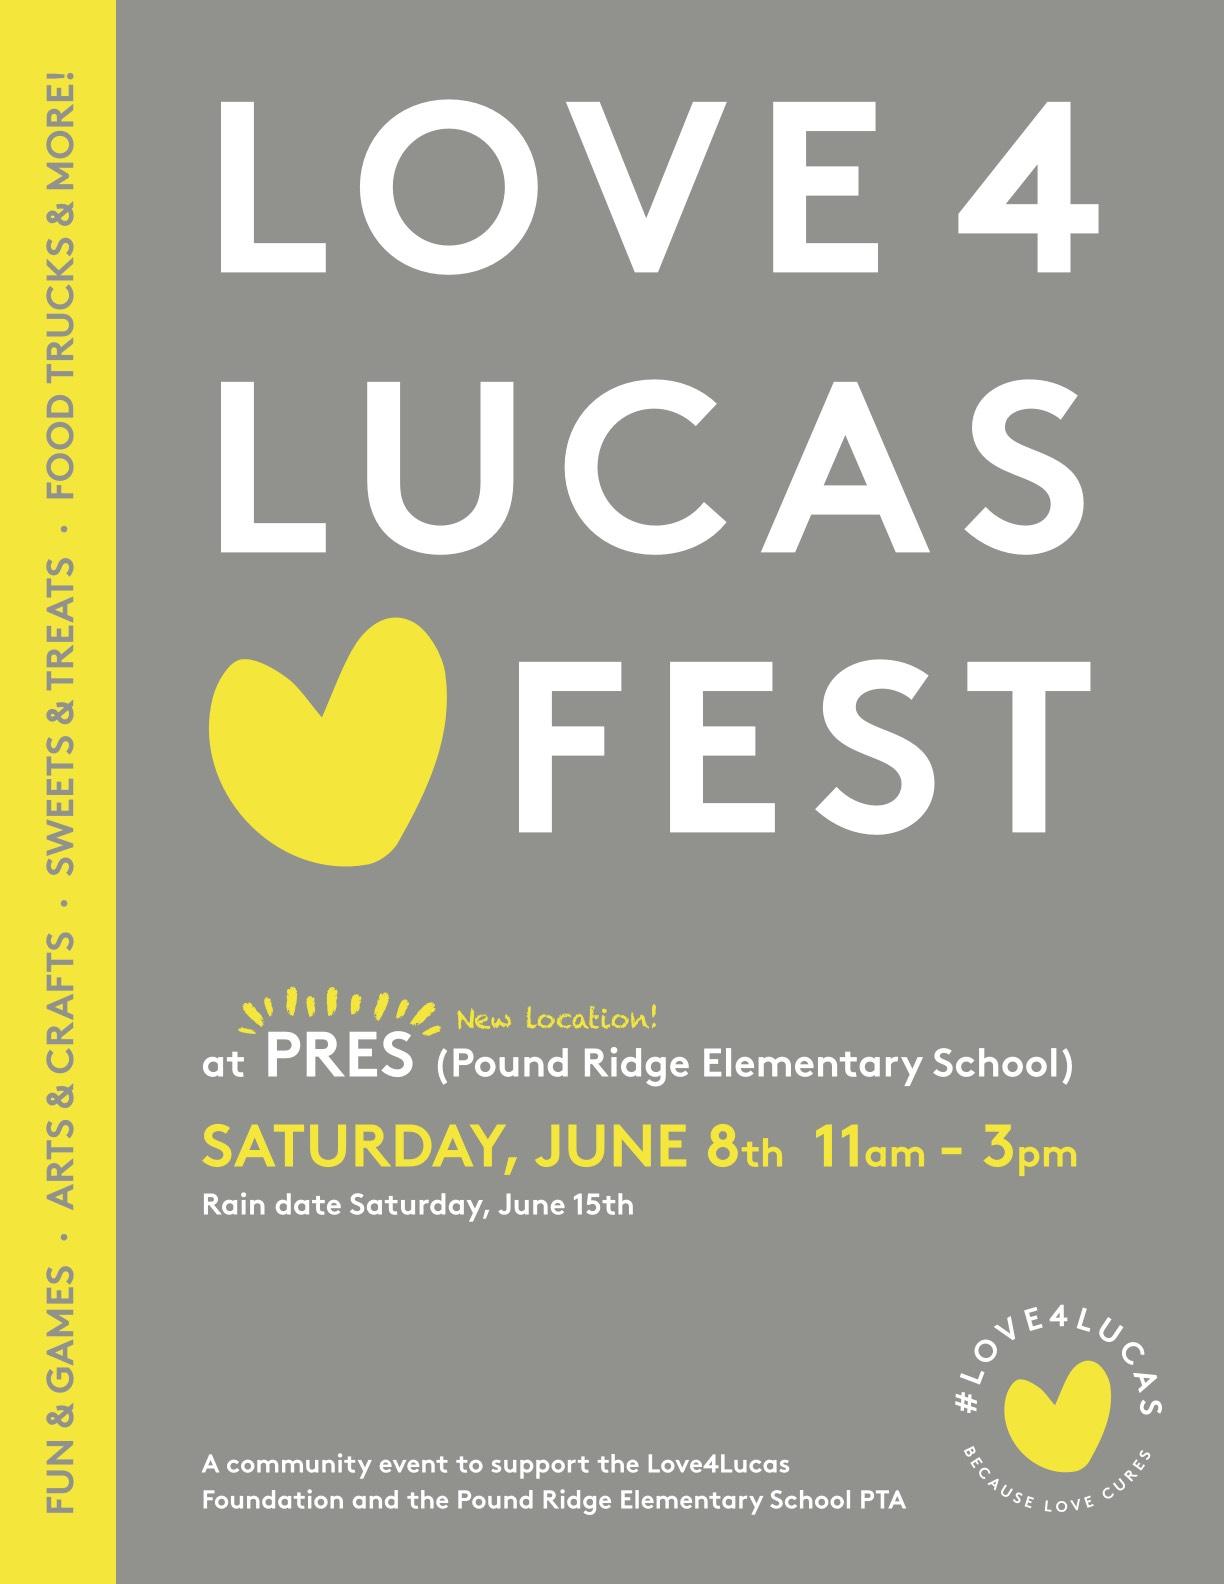 love4lucasfest.jpg